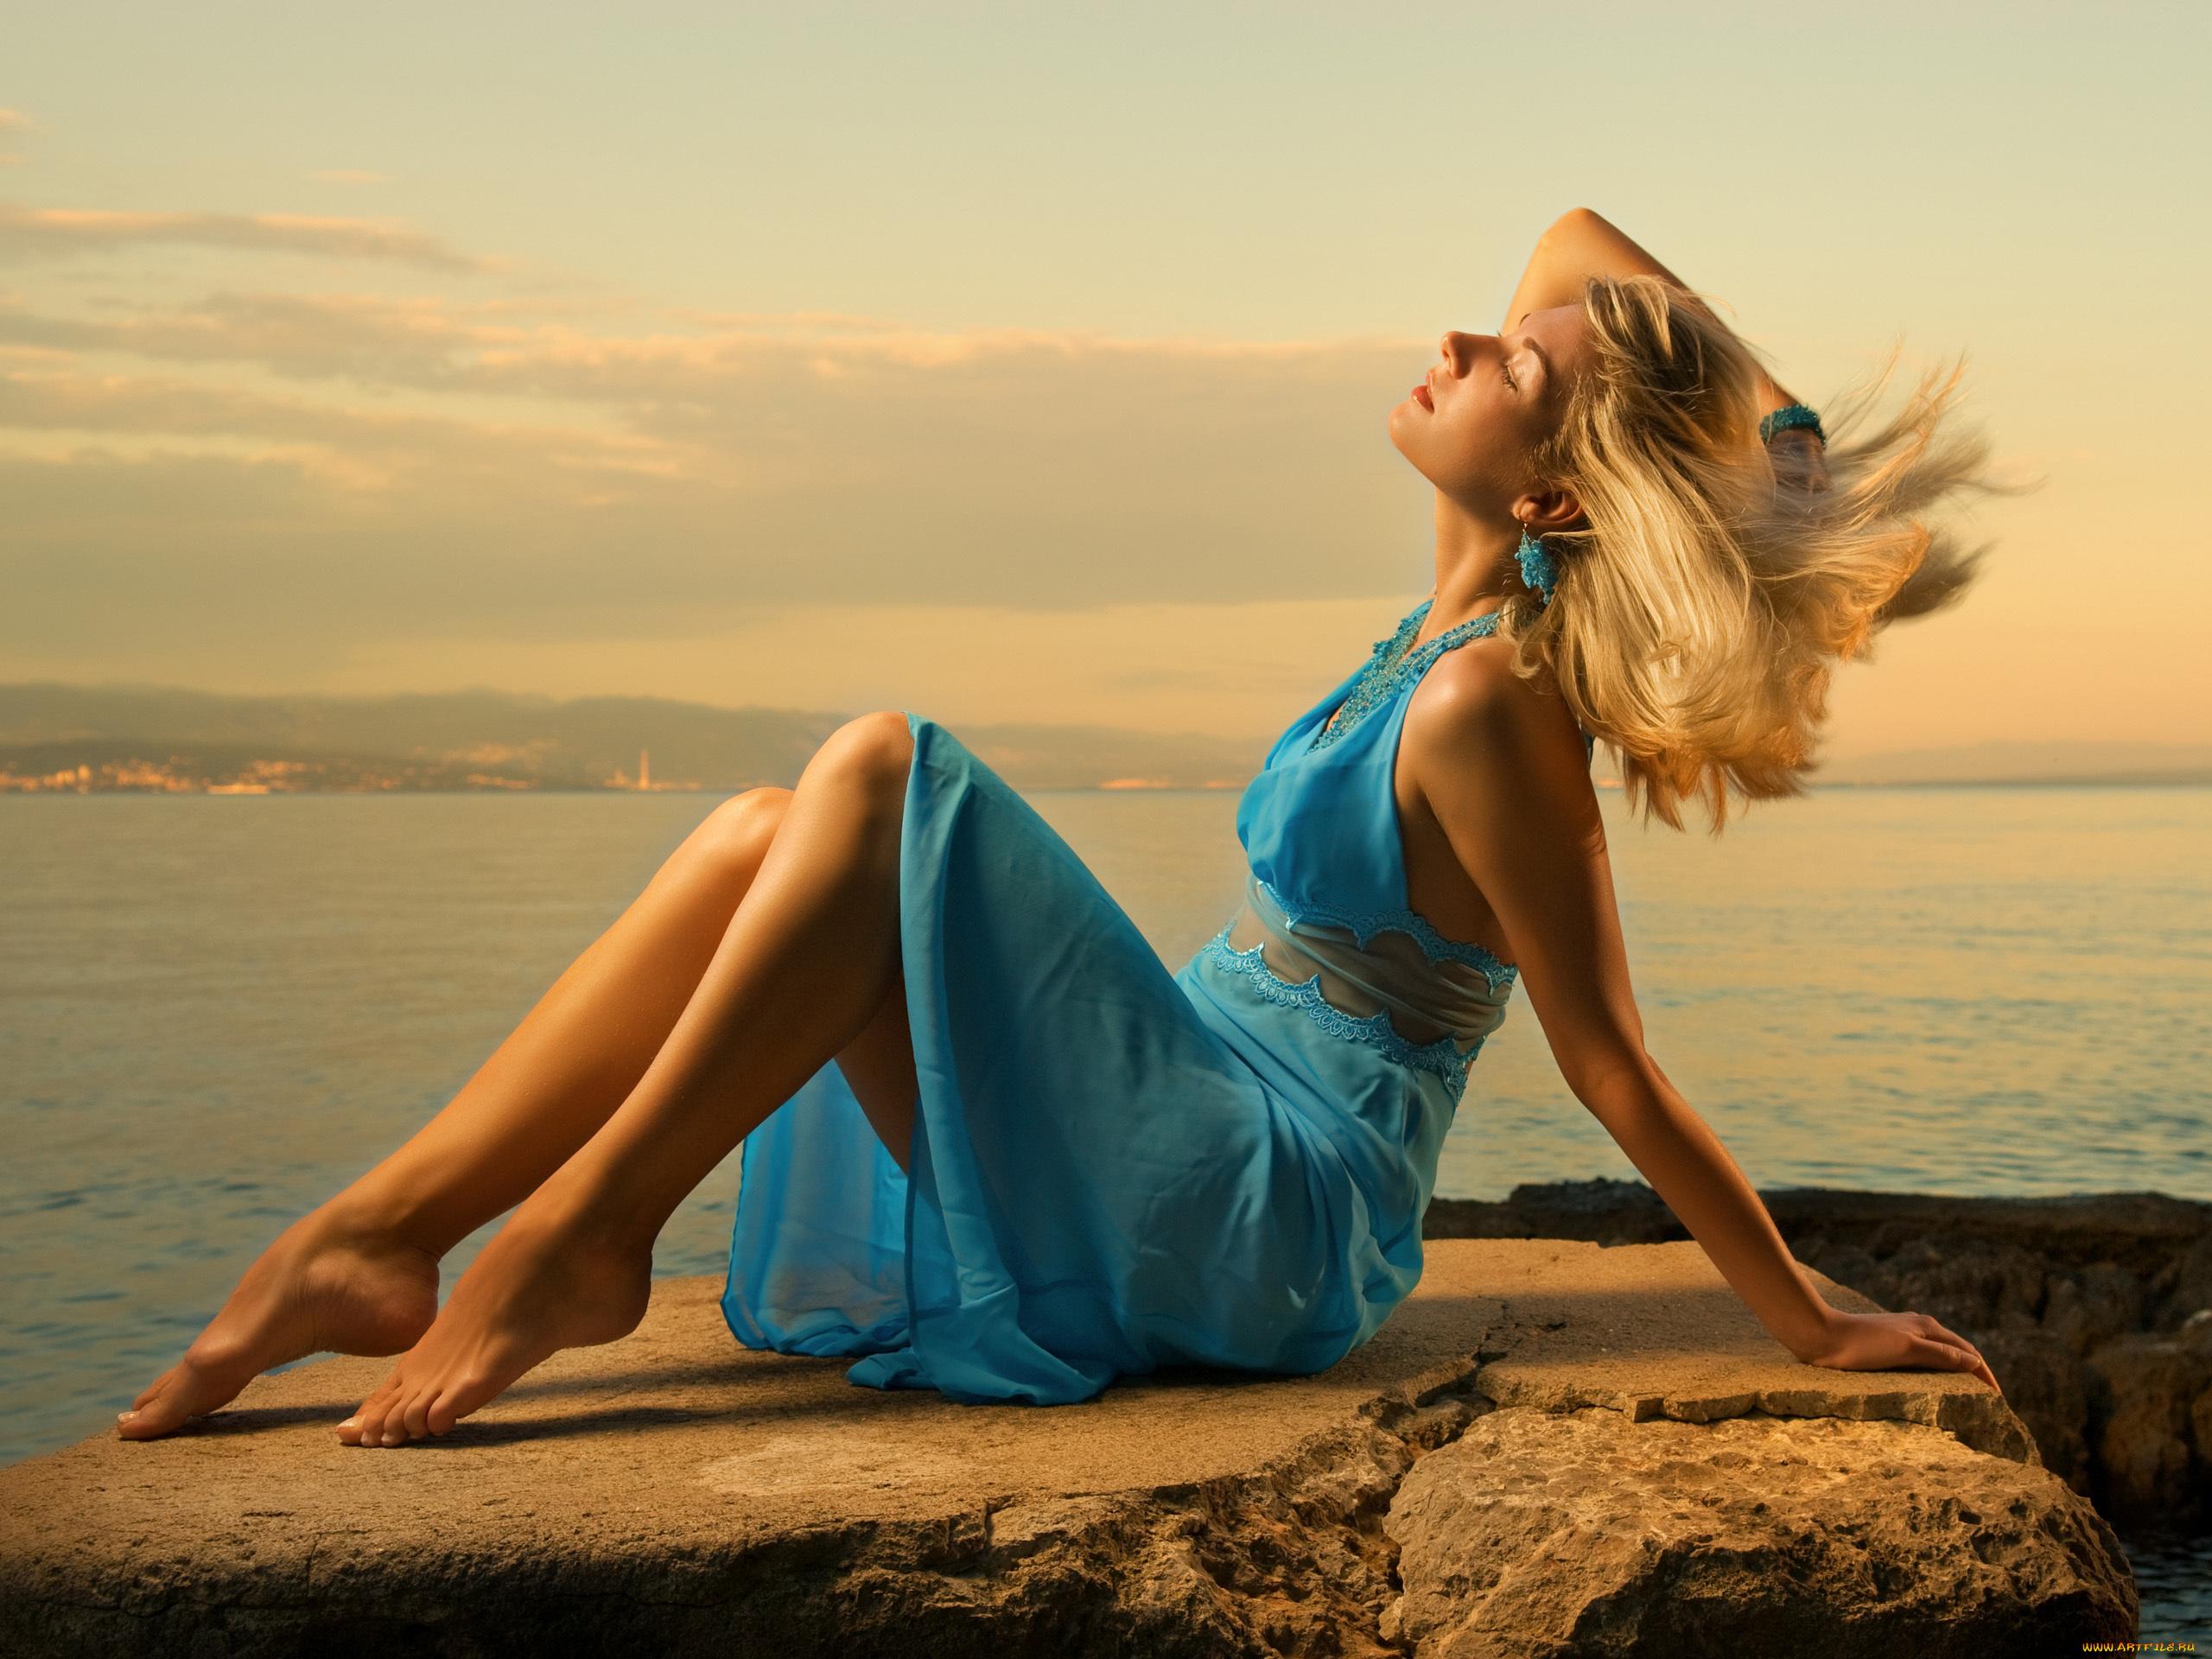 Молодая блонда позирует на берегу моря  116485